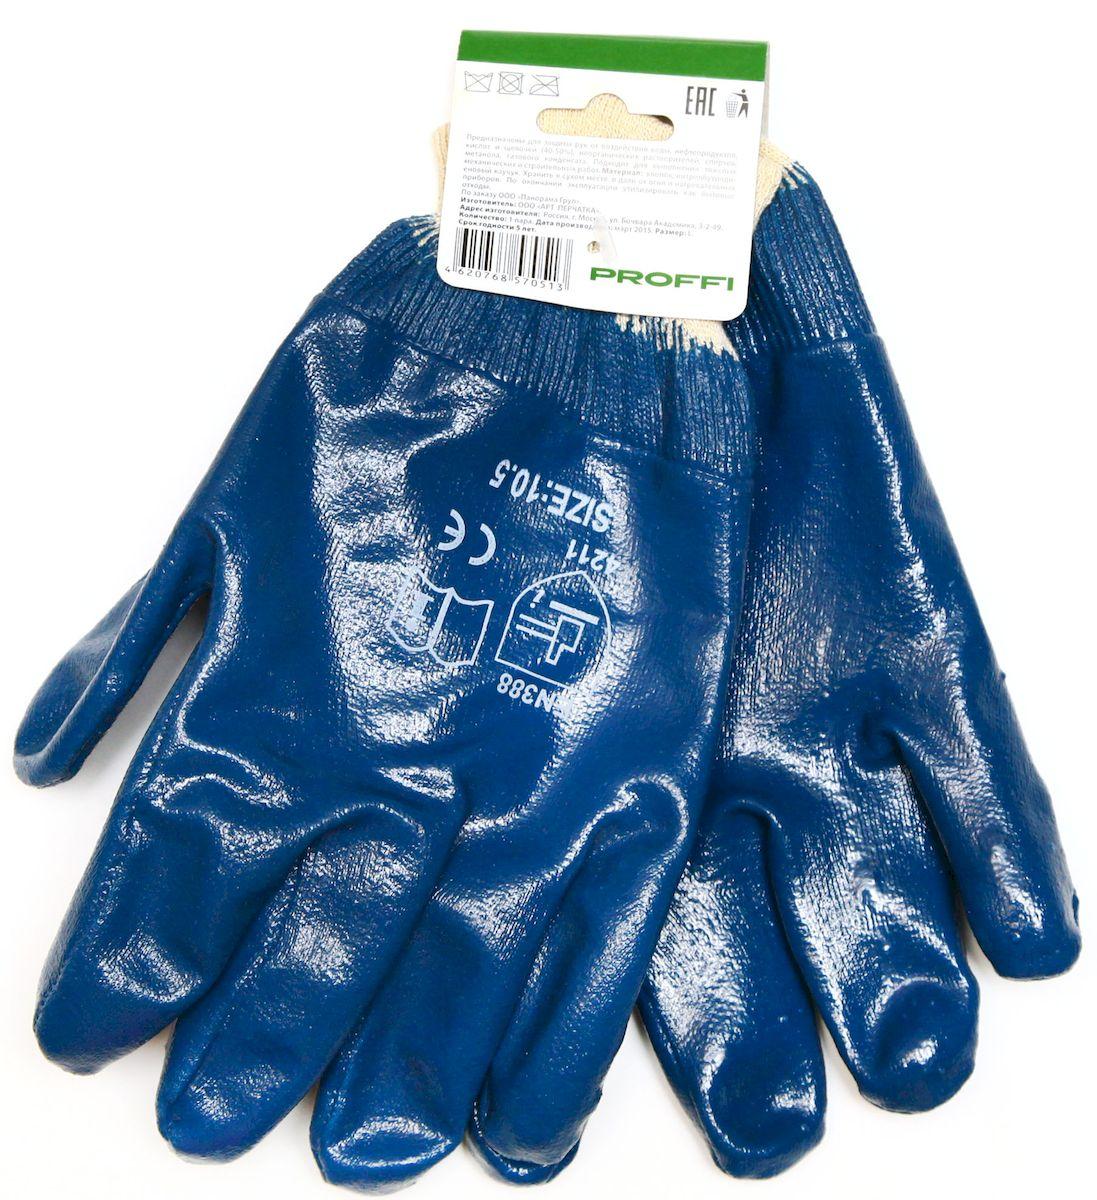 Перчатки трикотажныеProffi, с нитриловым покрытием98298123_черныйПерчатки х/б с нитриловым покрытием (манжета, полное покрытие). Материал покрытия : нитрил. Основа: хлопок 100%. Манжета: резинка